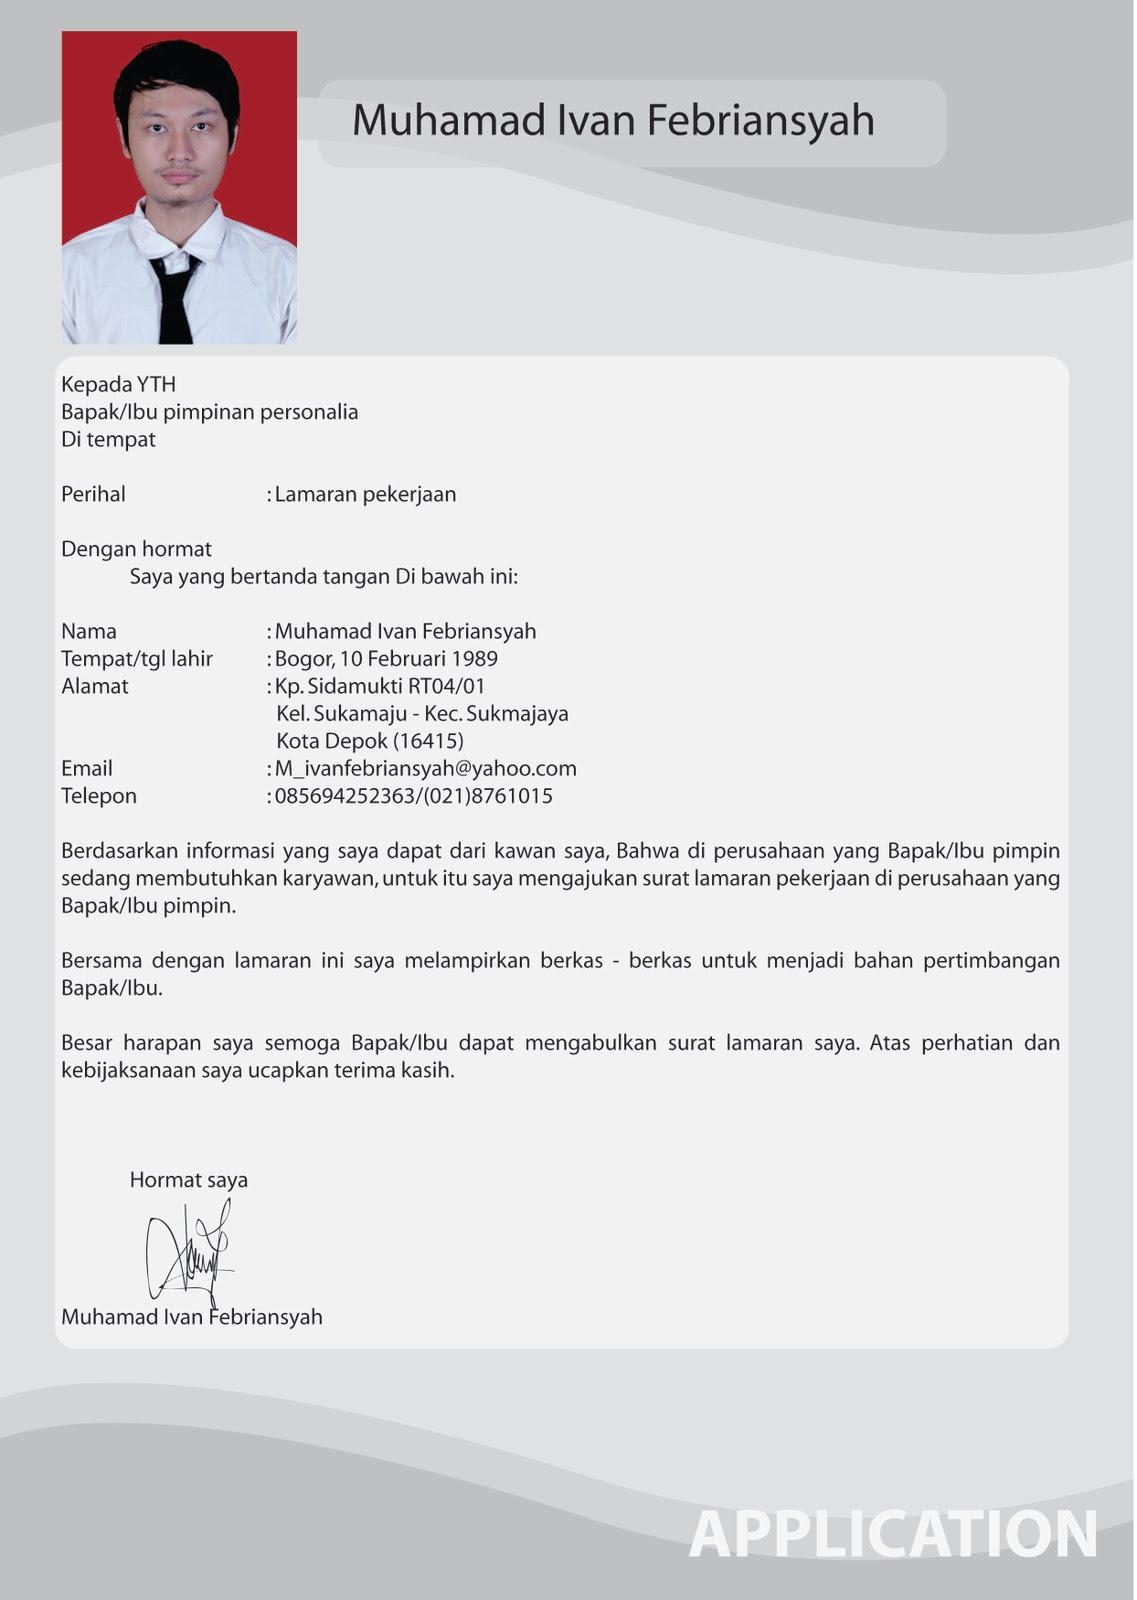 Contoh Curriculum Vitae Singkat Dalam Bahasa  Download